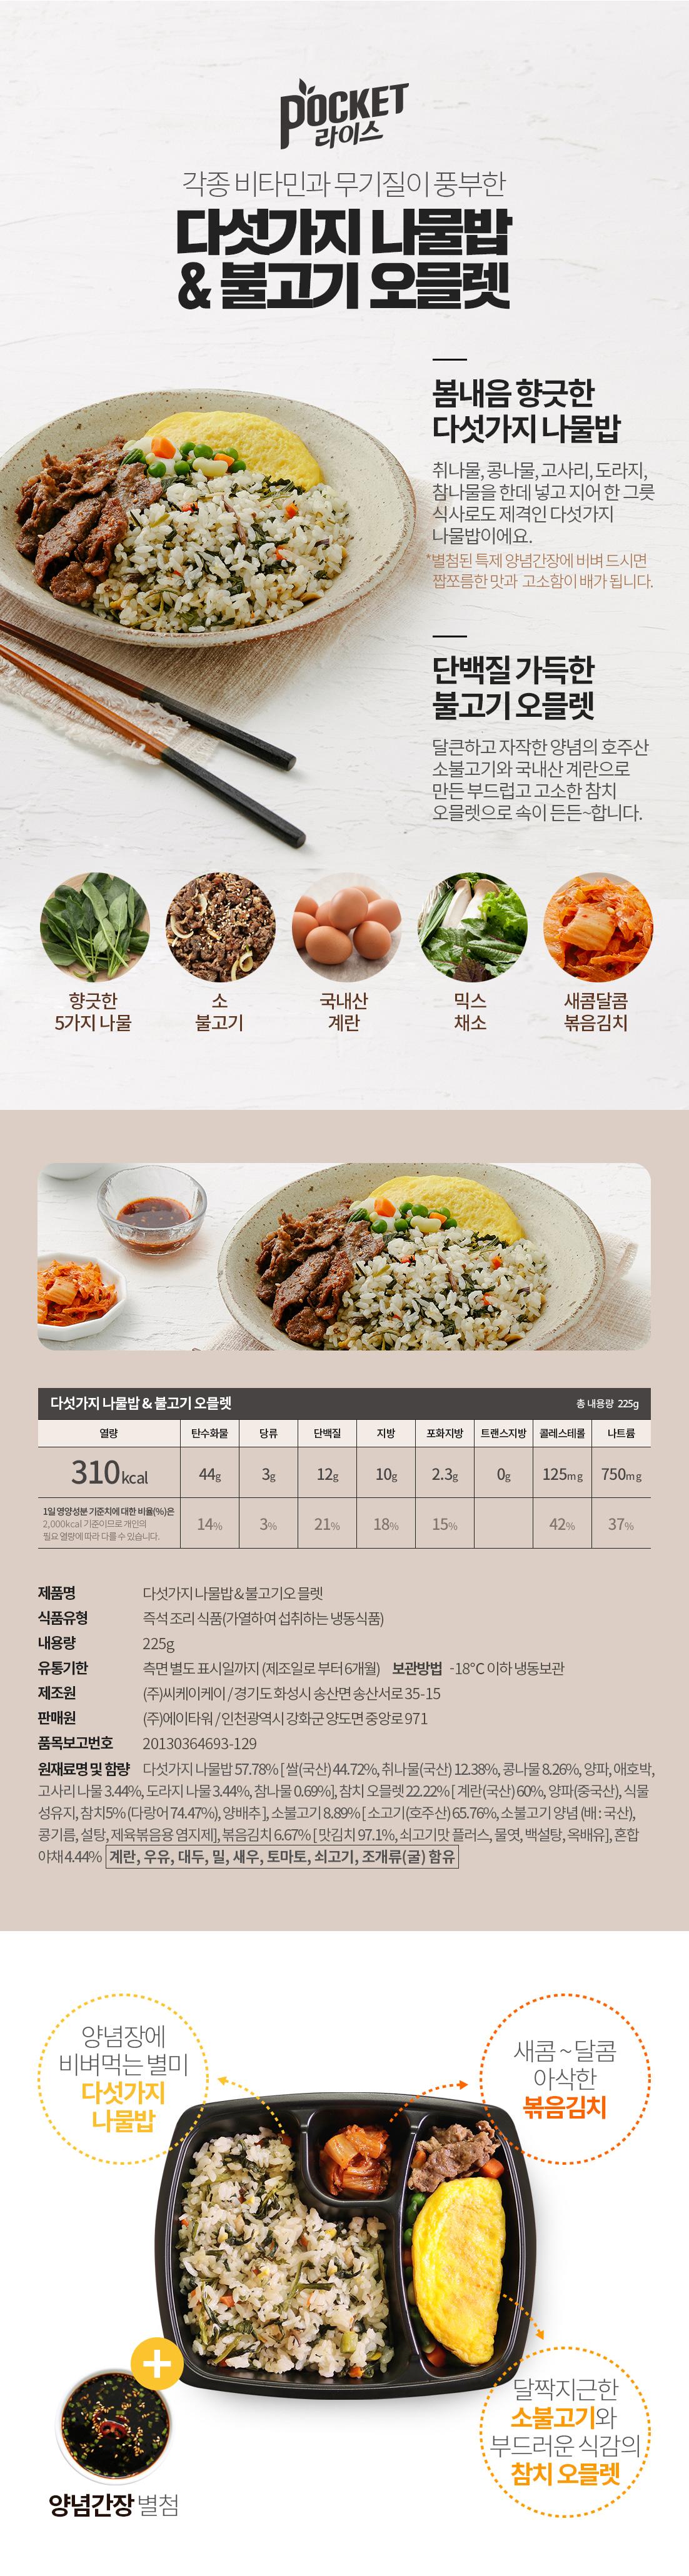 다섯가지나물밥&불고기오믈렛